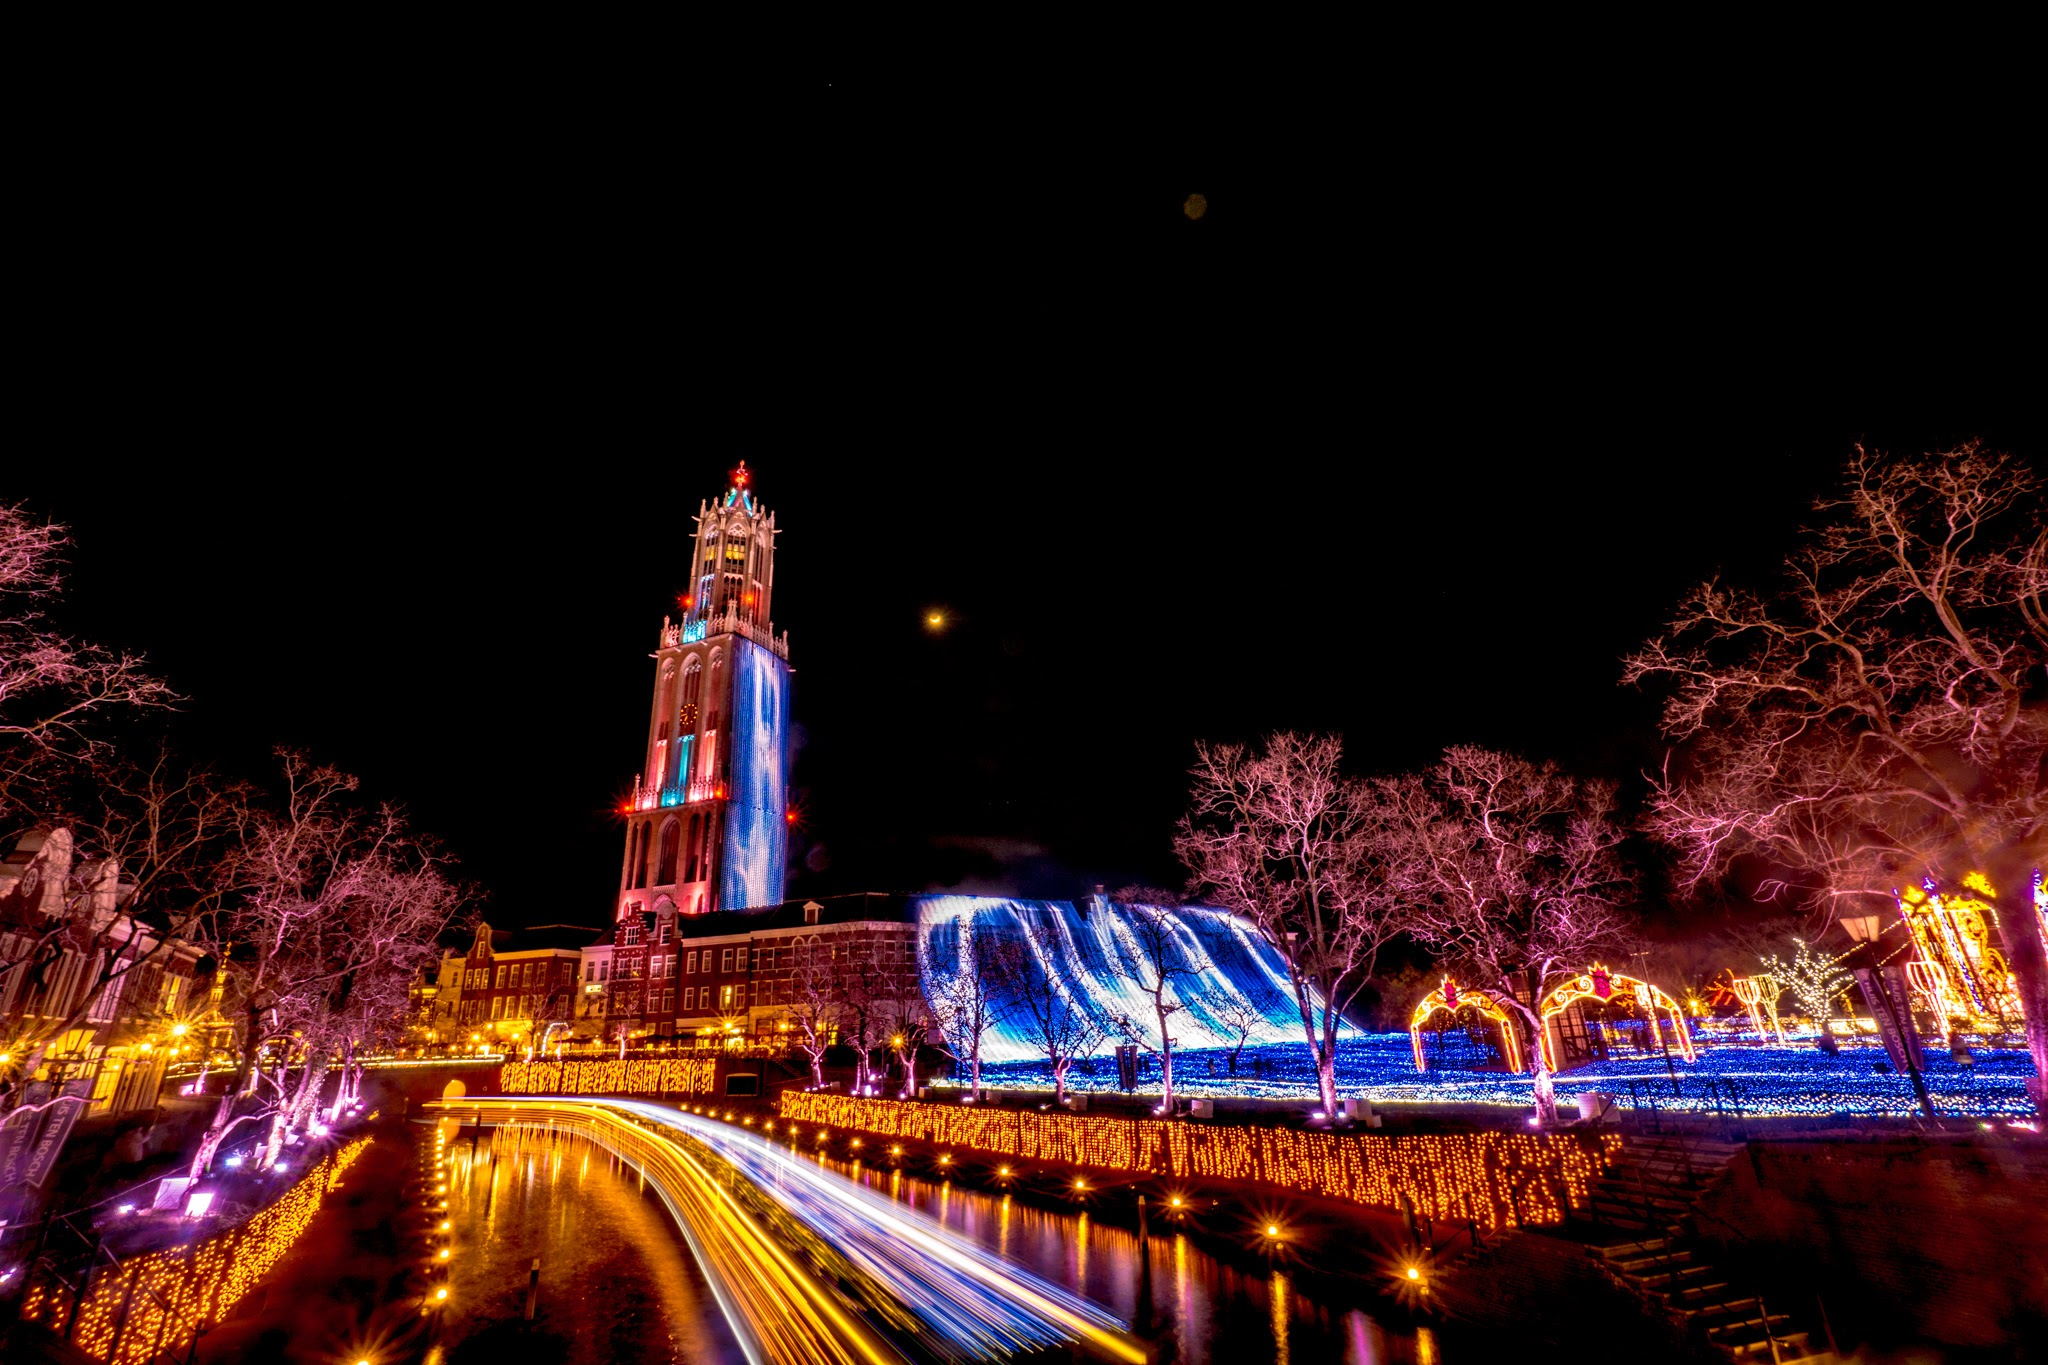 ハウステンボス イルミネーション 光の王国 スローシャッター1